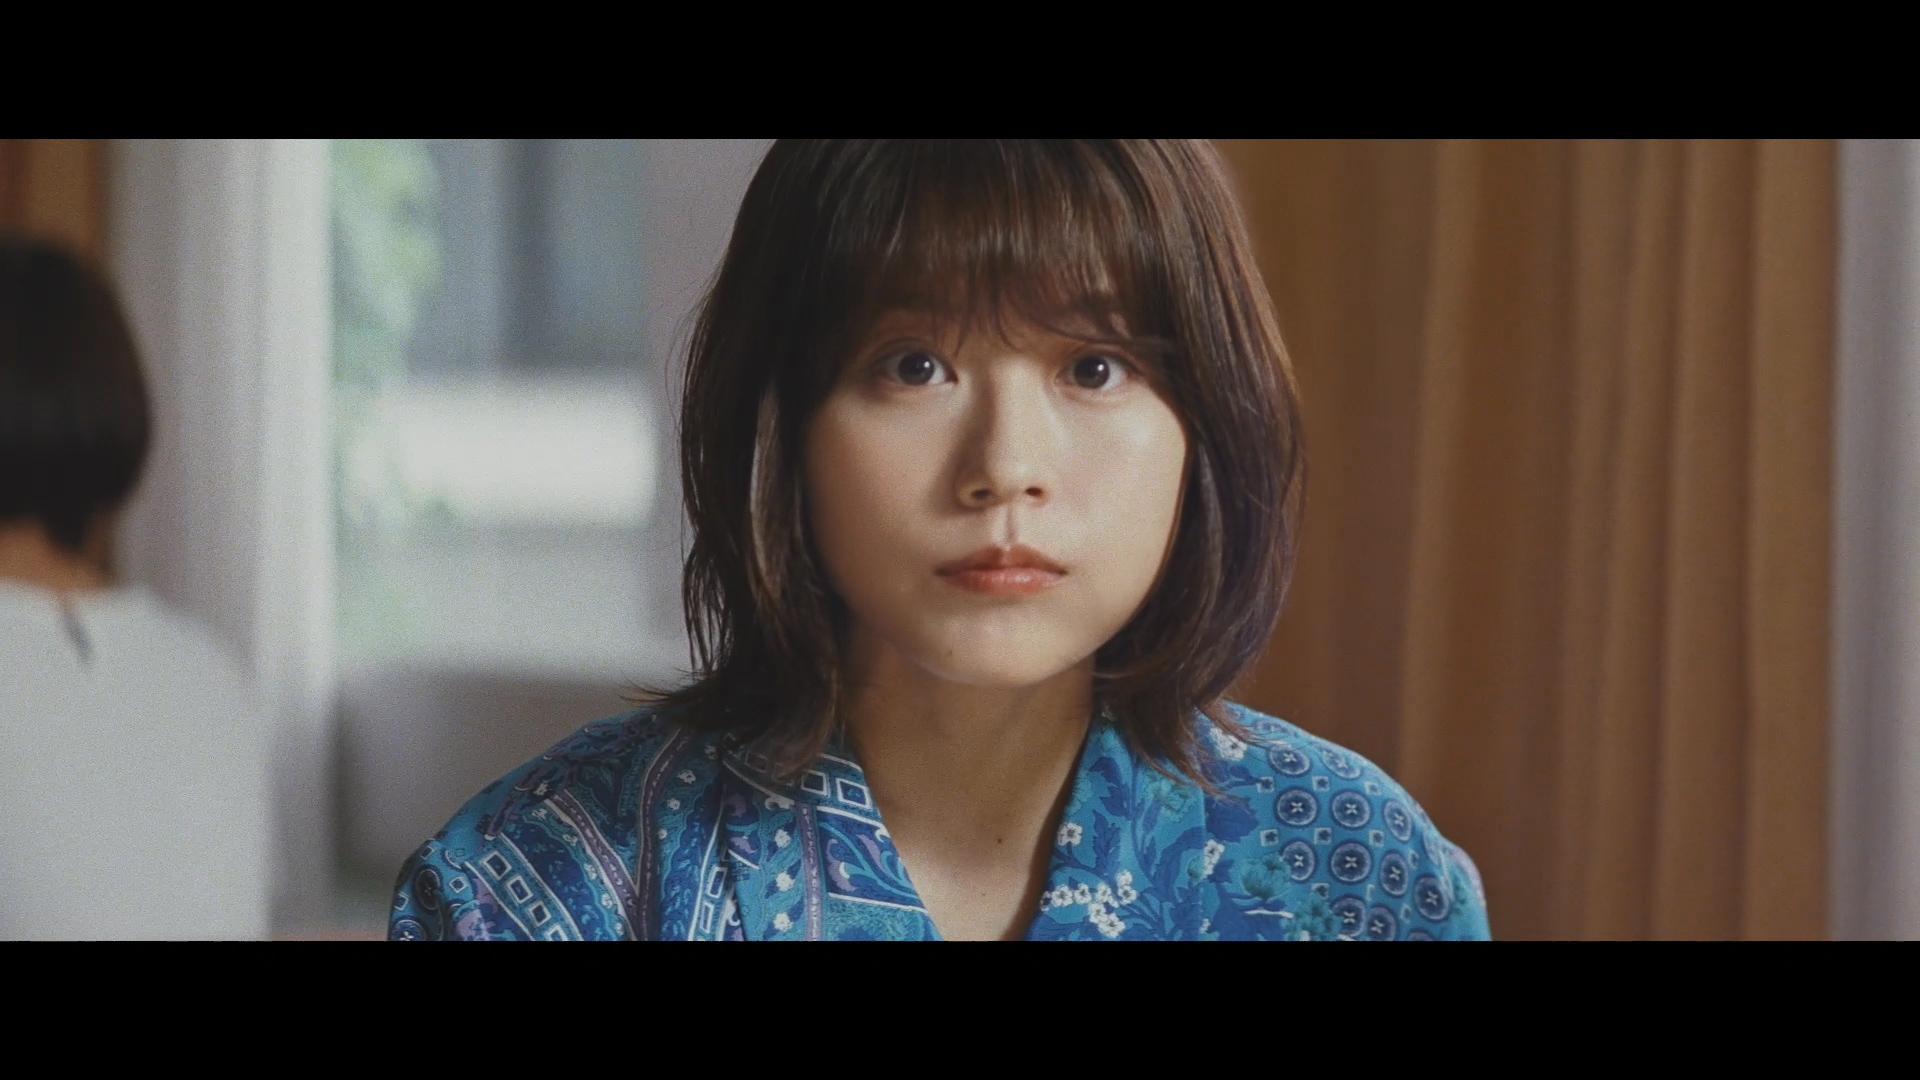 有村架純/JA共済 新TV-CM「イチゴ」篇